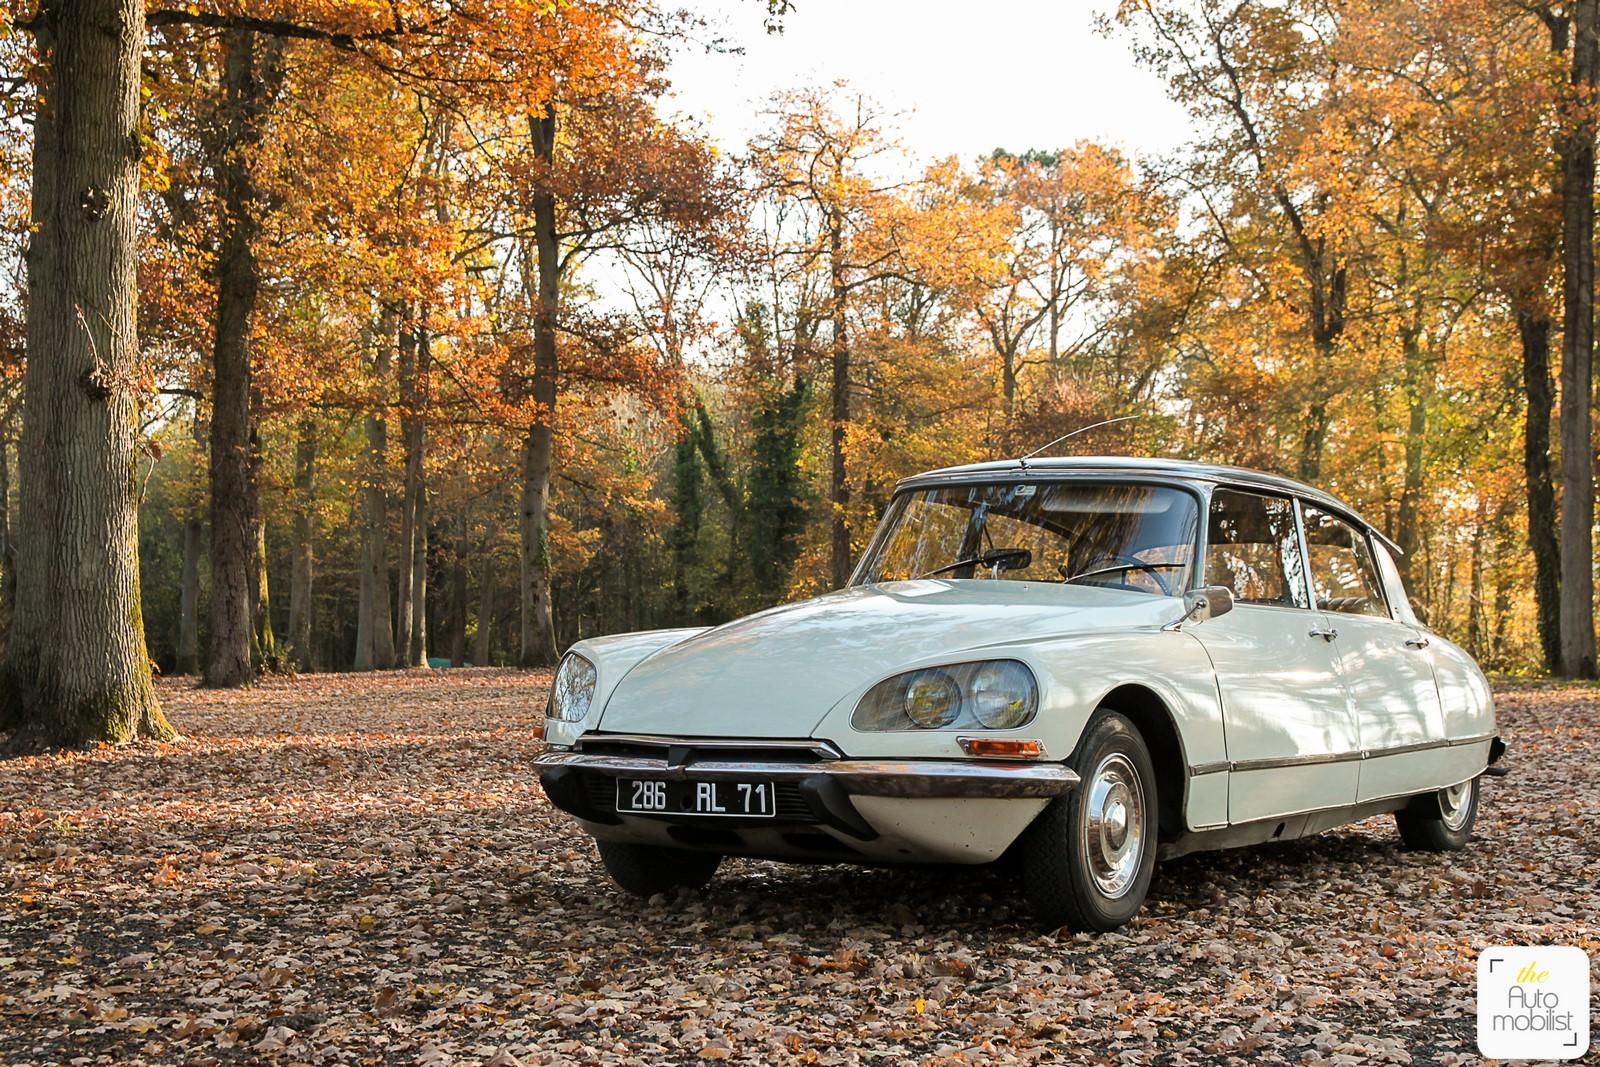 DS 20 Pallas 1969 AL The Automobilists 2018 9